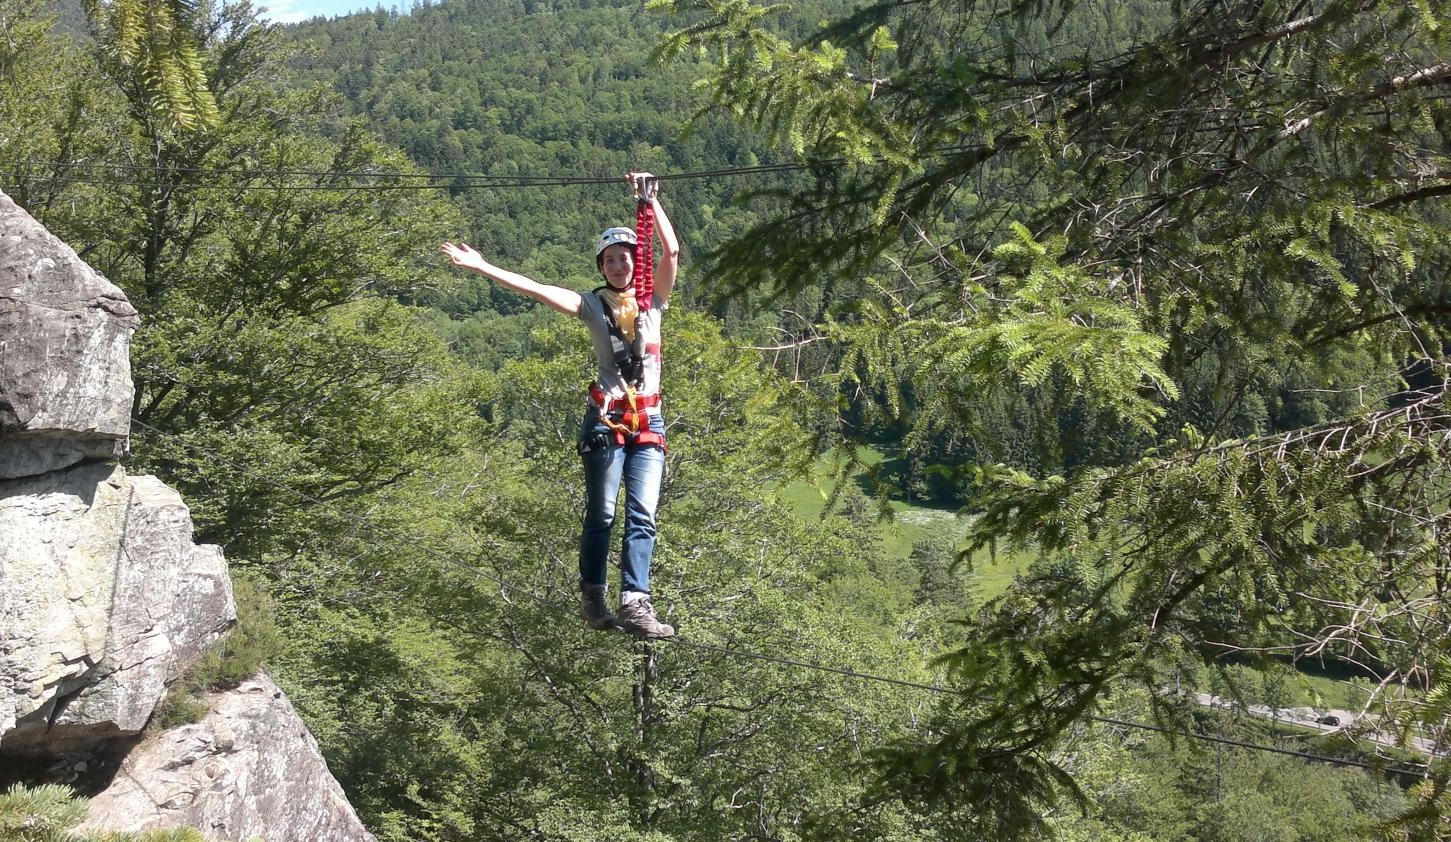 Klettersteig Schwarzwald : Klettersteigkurs für anfänger im schwarwald günstig buchen bei